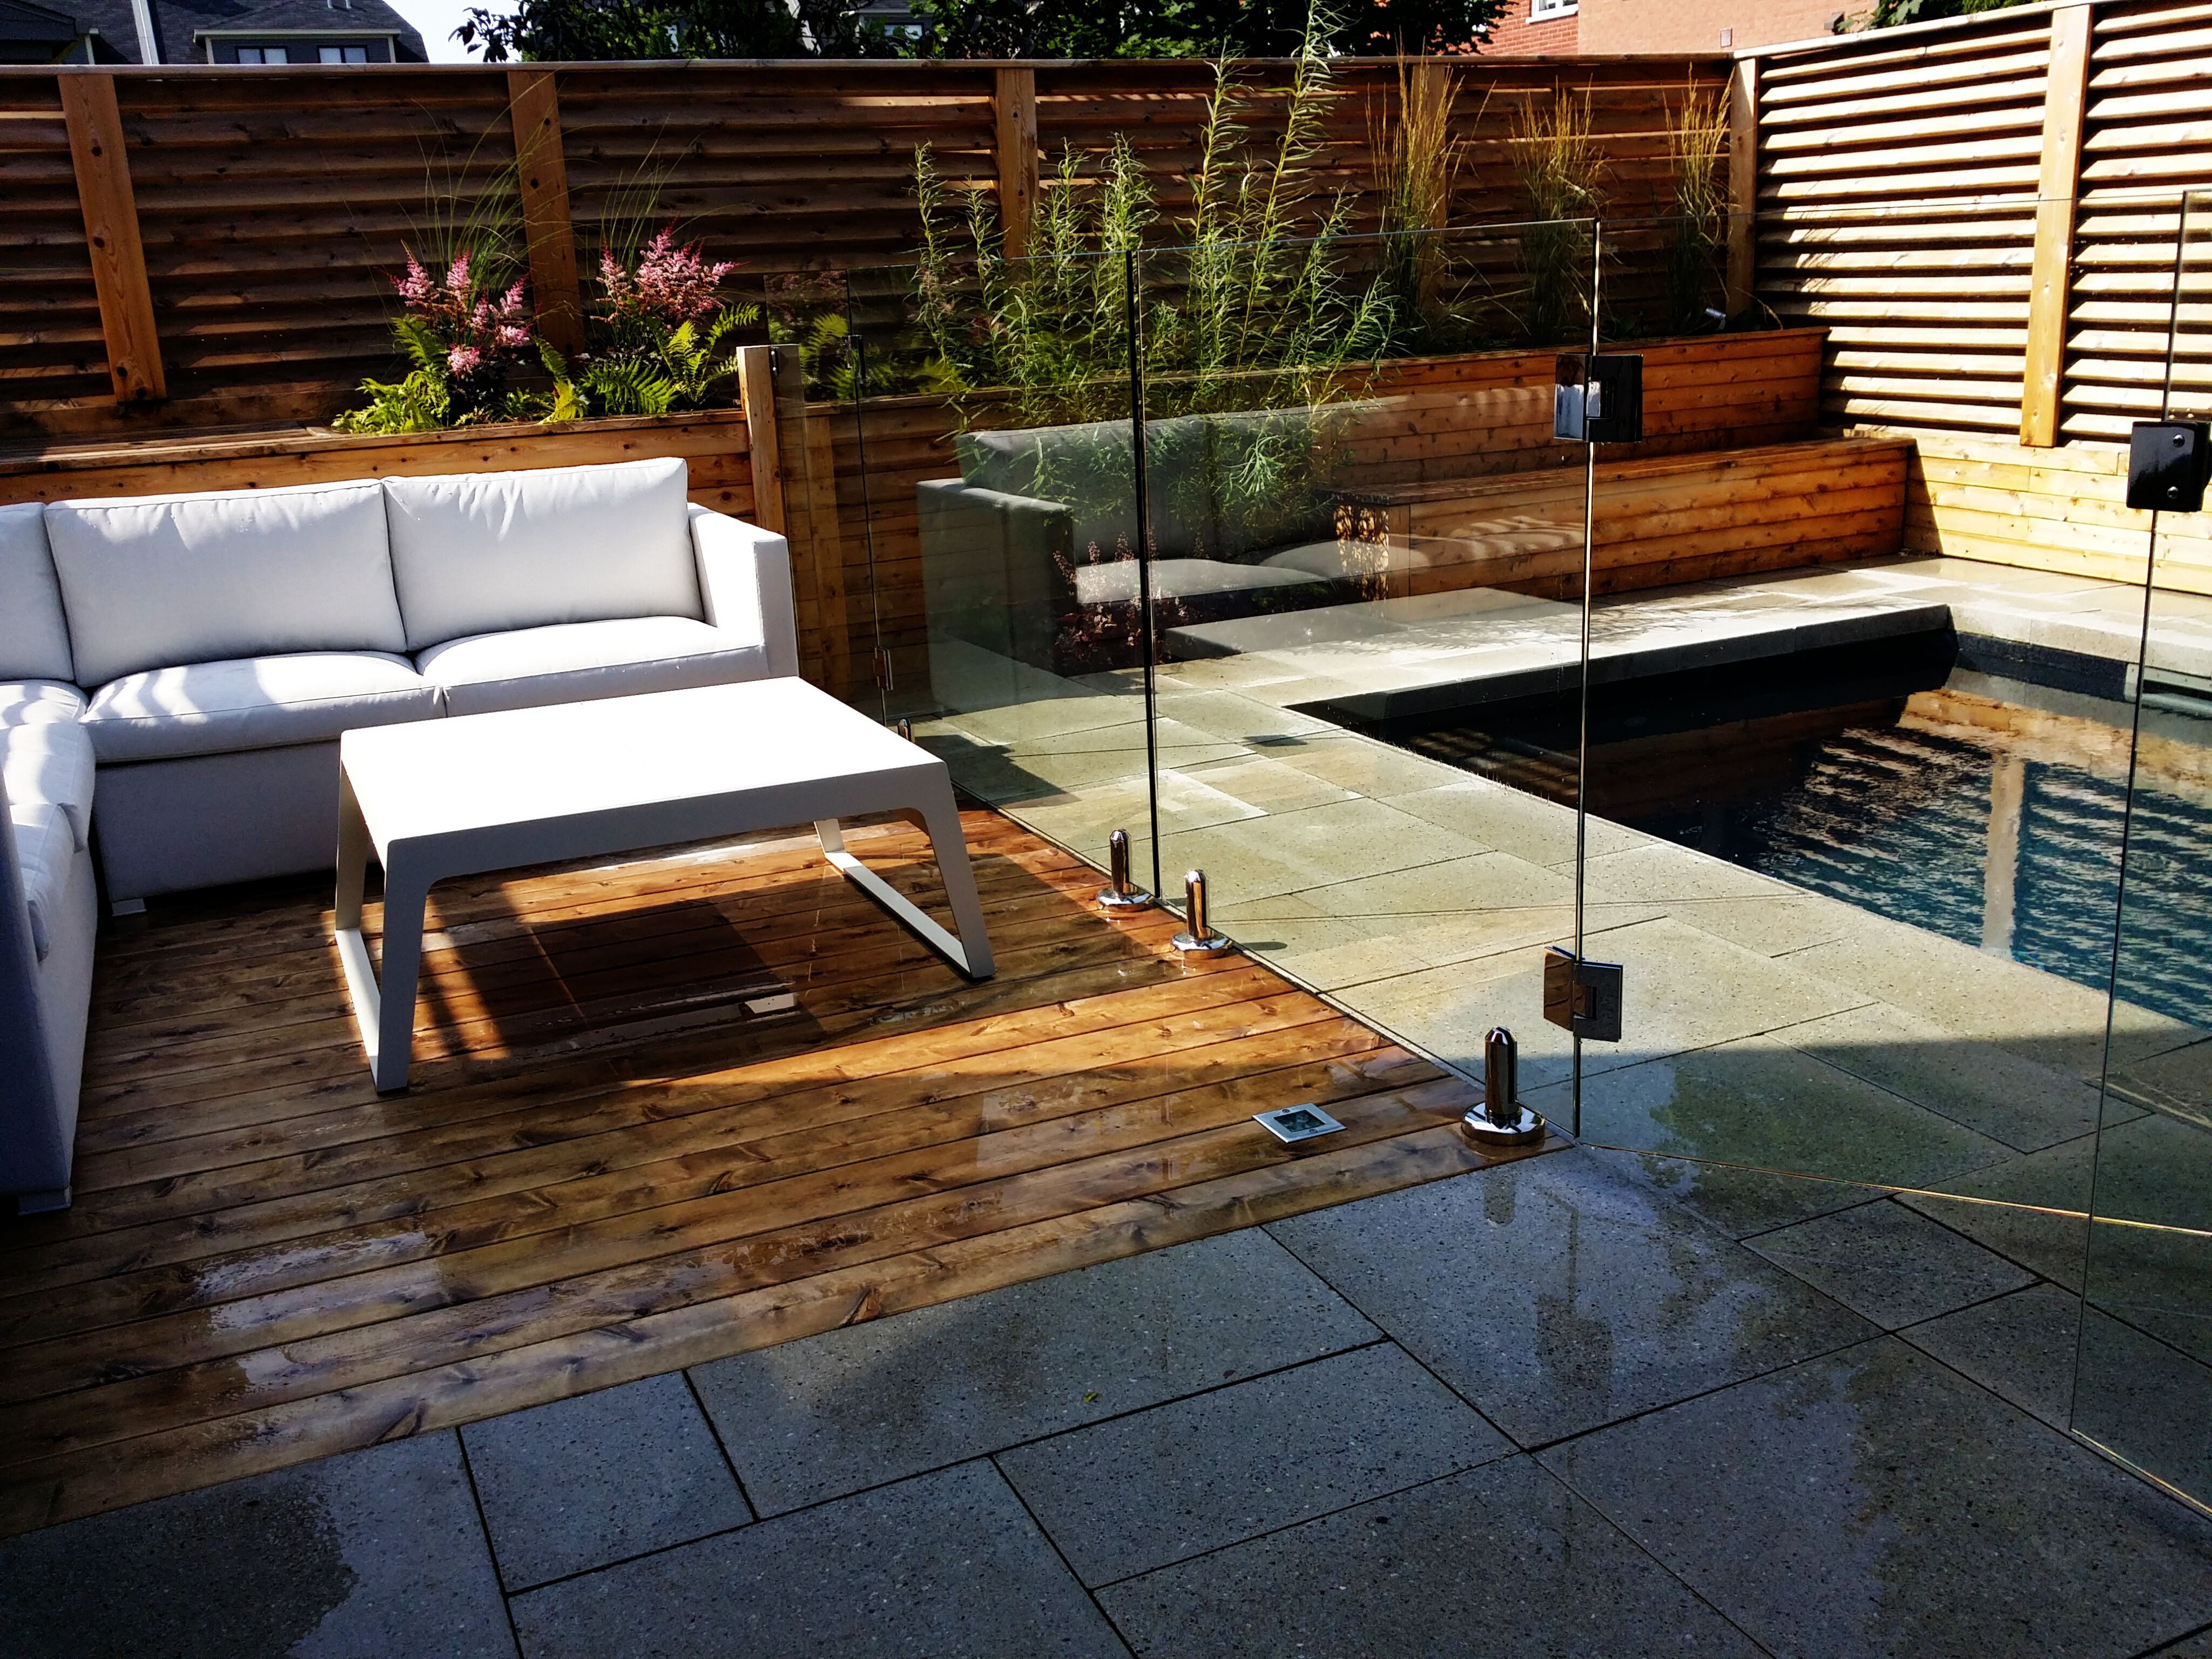 Marvelous Terrasse En Bois De Cèdre Avec Lumières Encastrées. Écran De Bois De Cèdre.  Mobilier · Yard IdeasWooden TerraceSaint ...